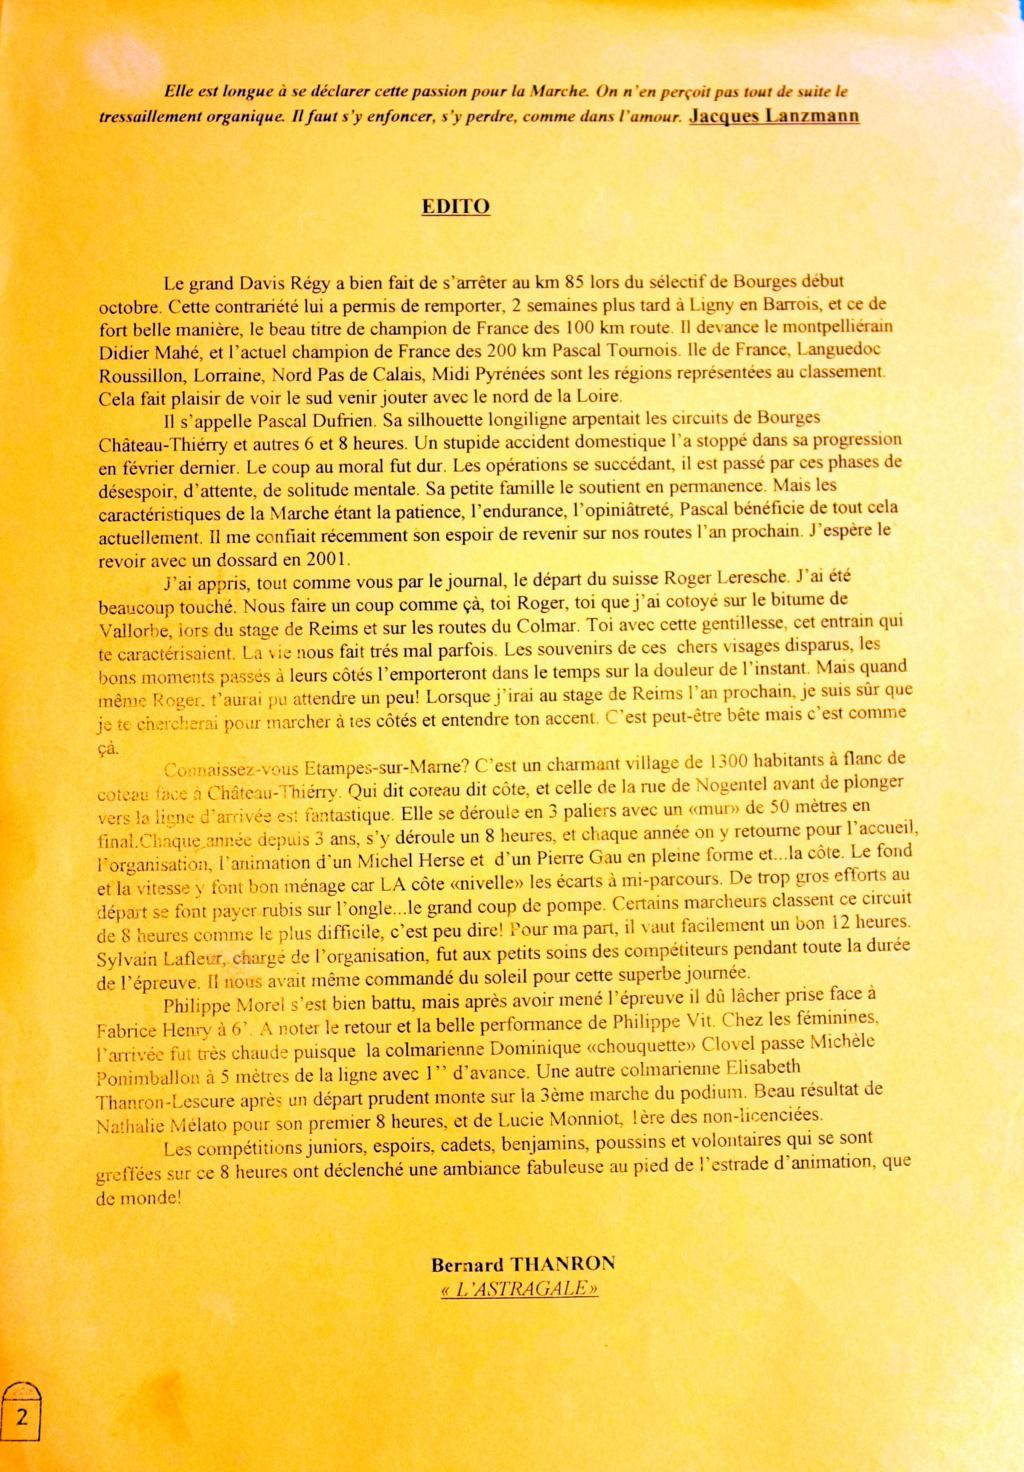 Le KM520 et ses éditos 1998-2009 - Page 2 Dscf0477